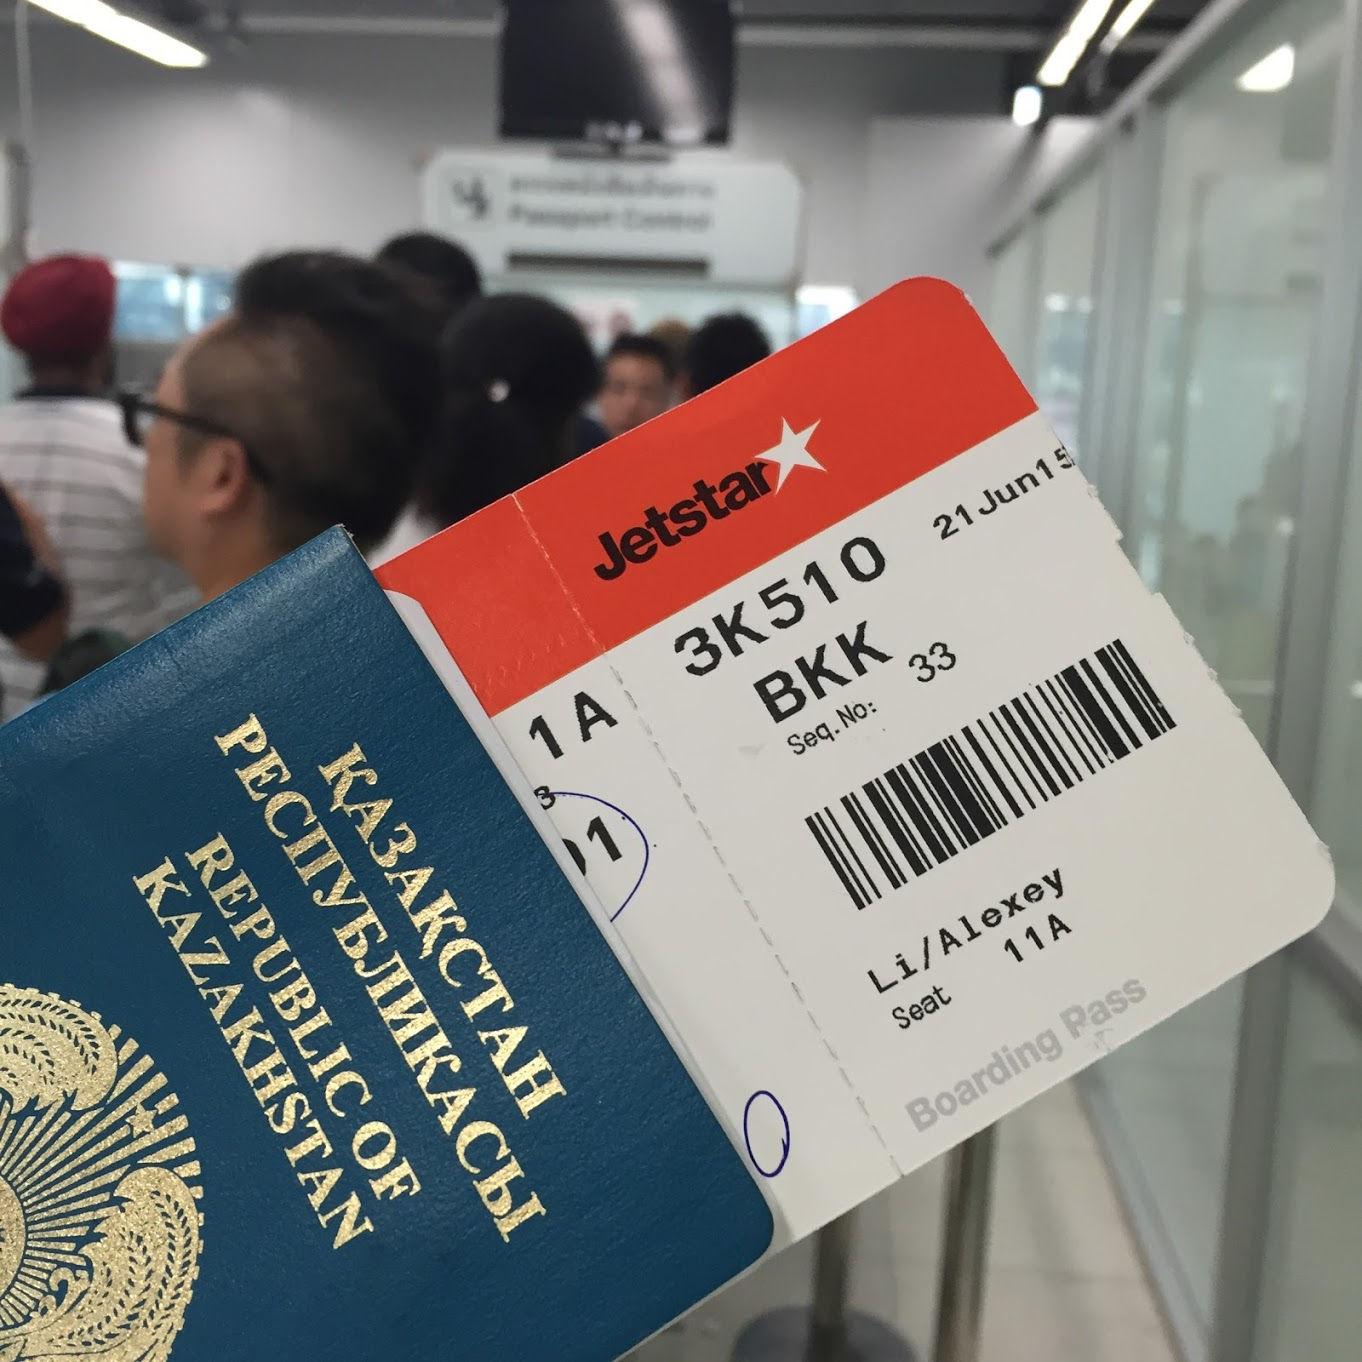 Kazakhstan passport an Tickets